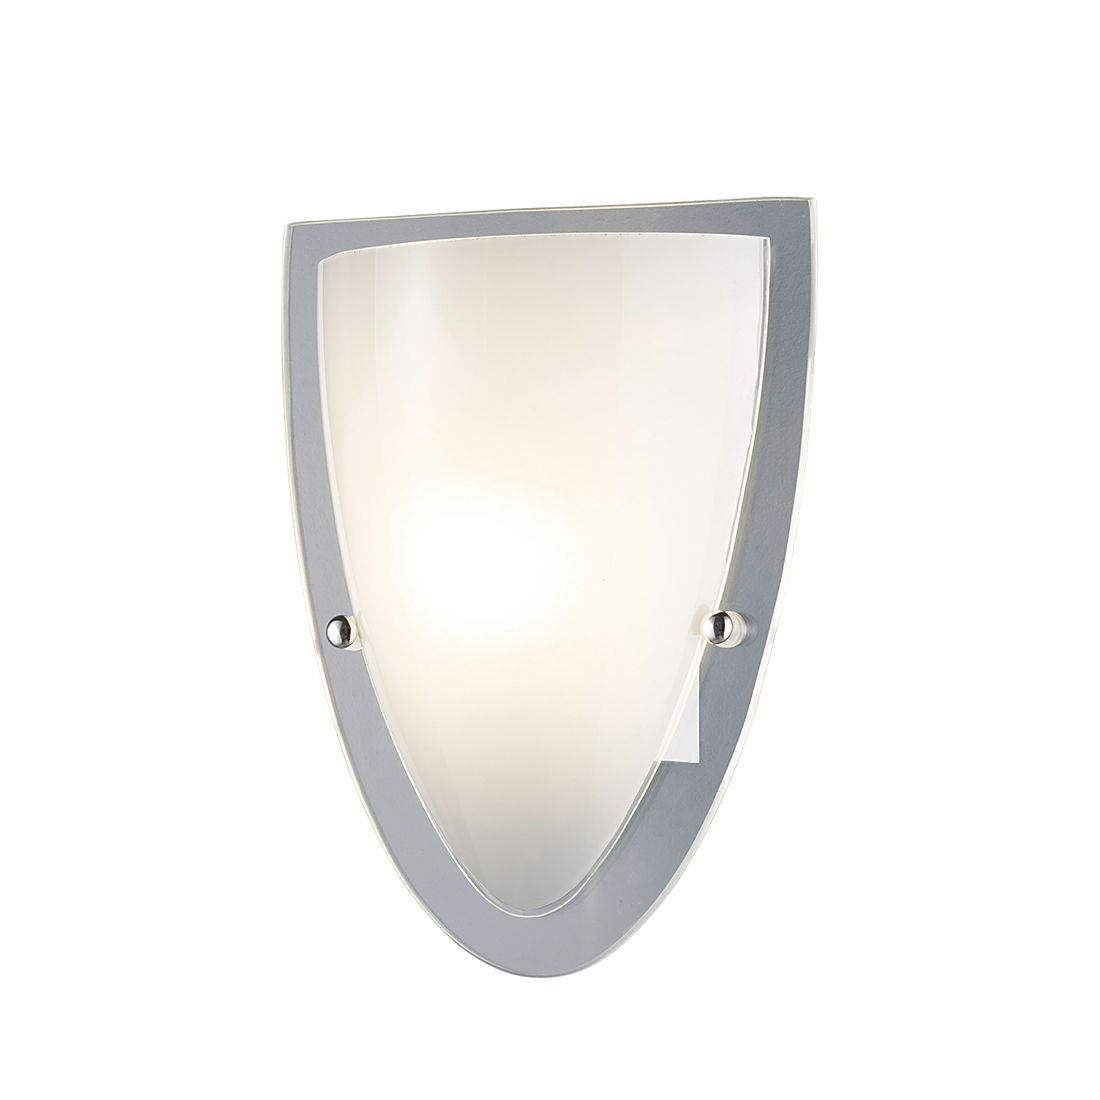 LED-Wandleuchte ● Chrom ● 1x5 W- Lux